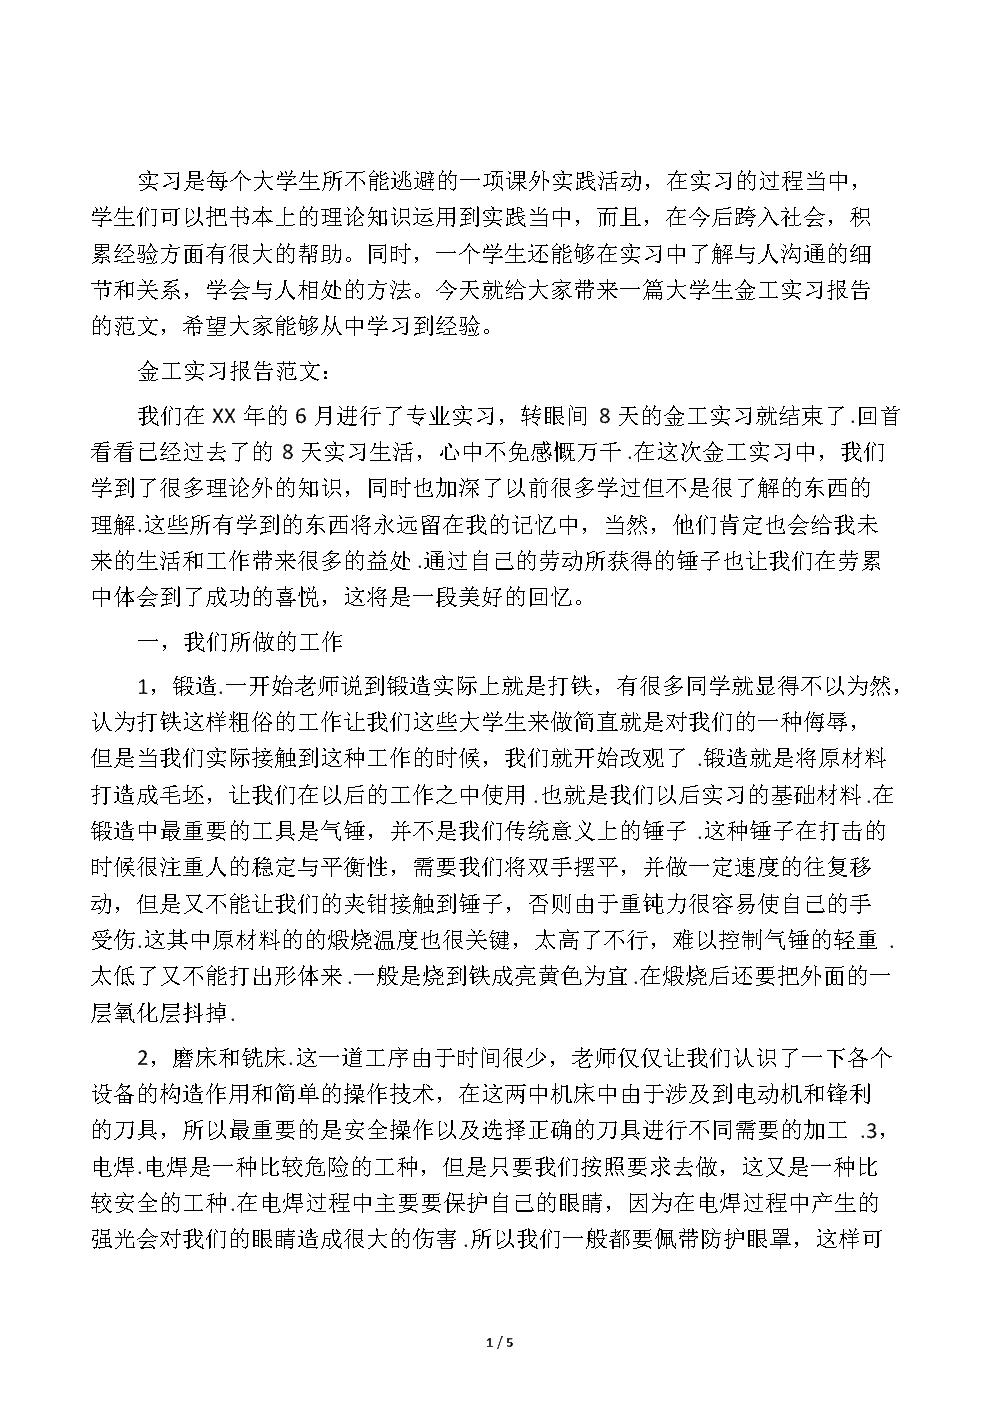 XX年金工专业实习报告.docx